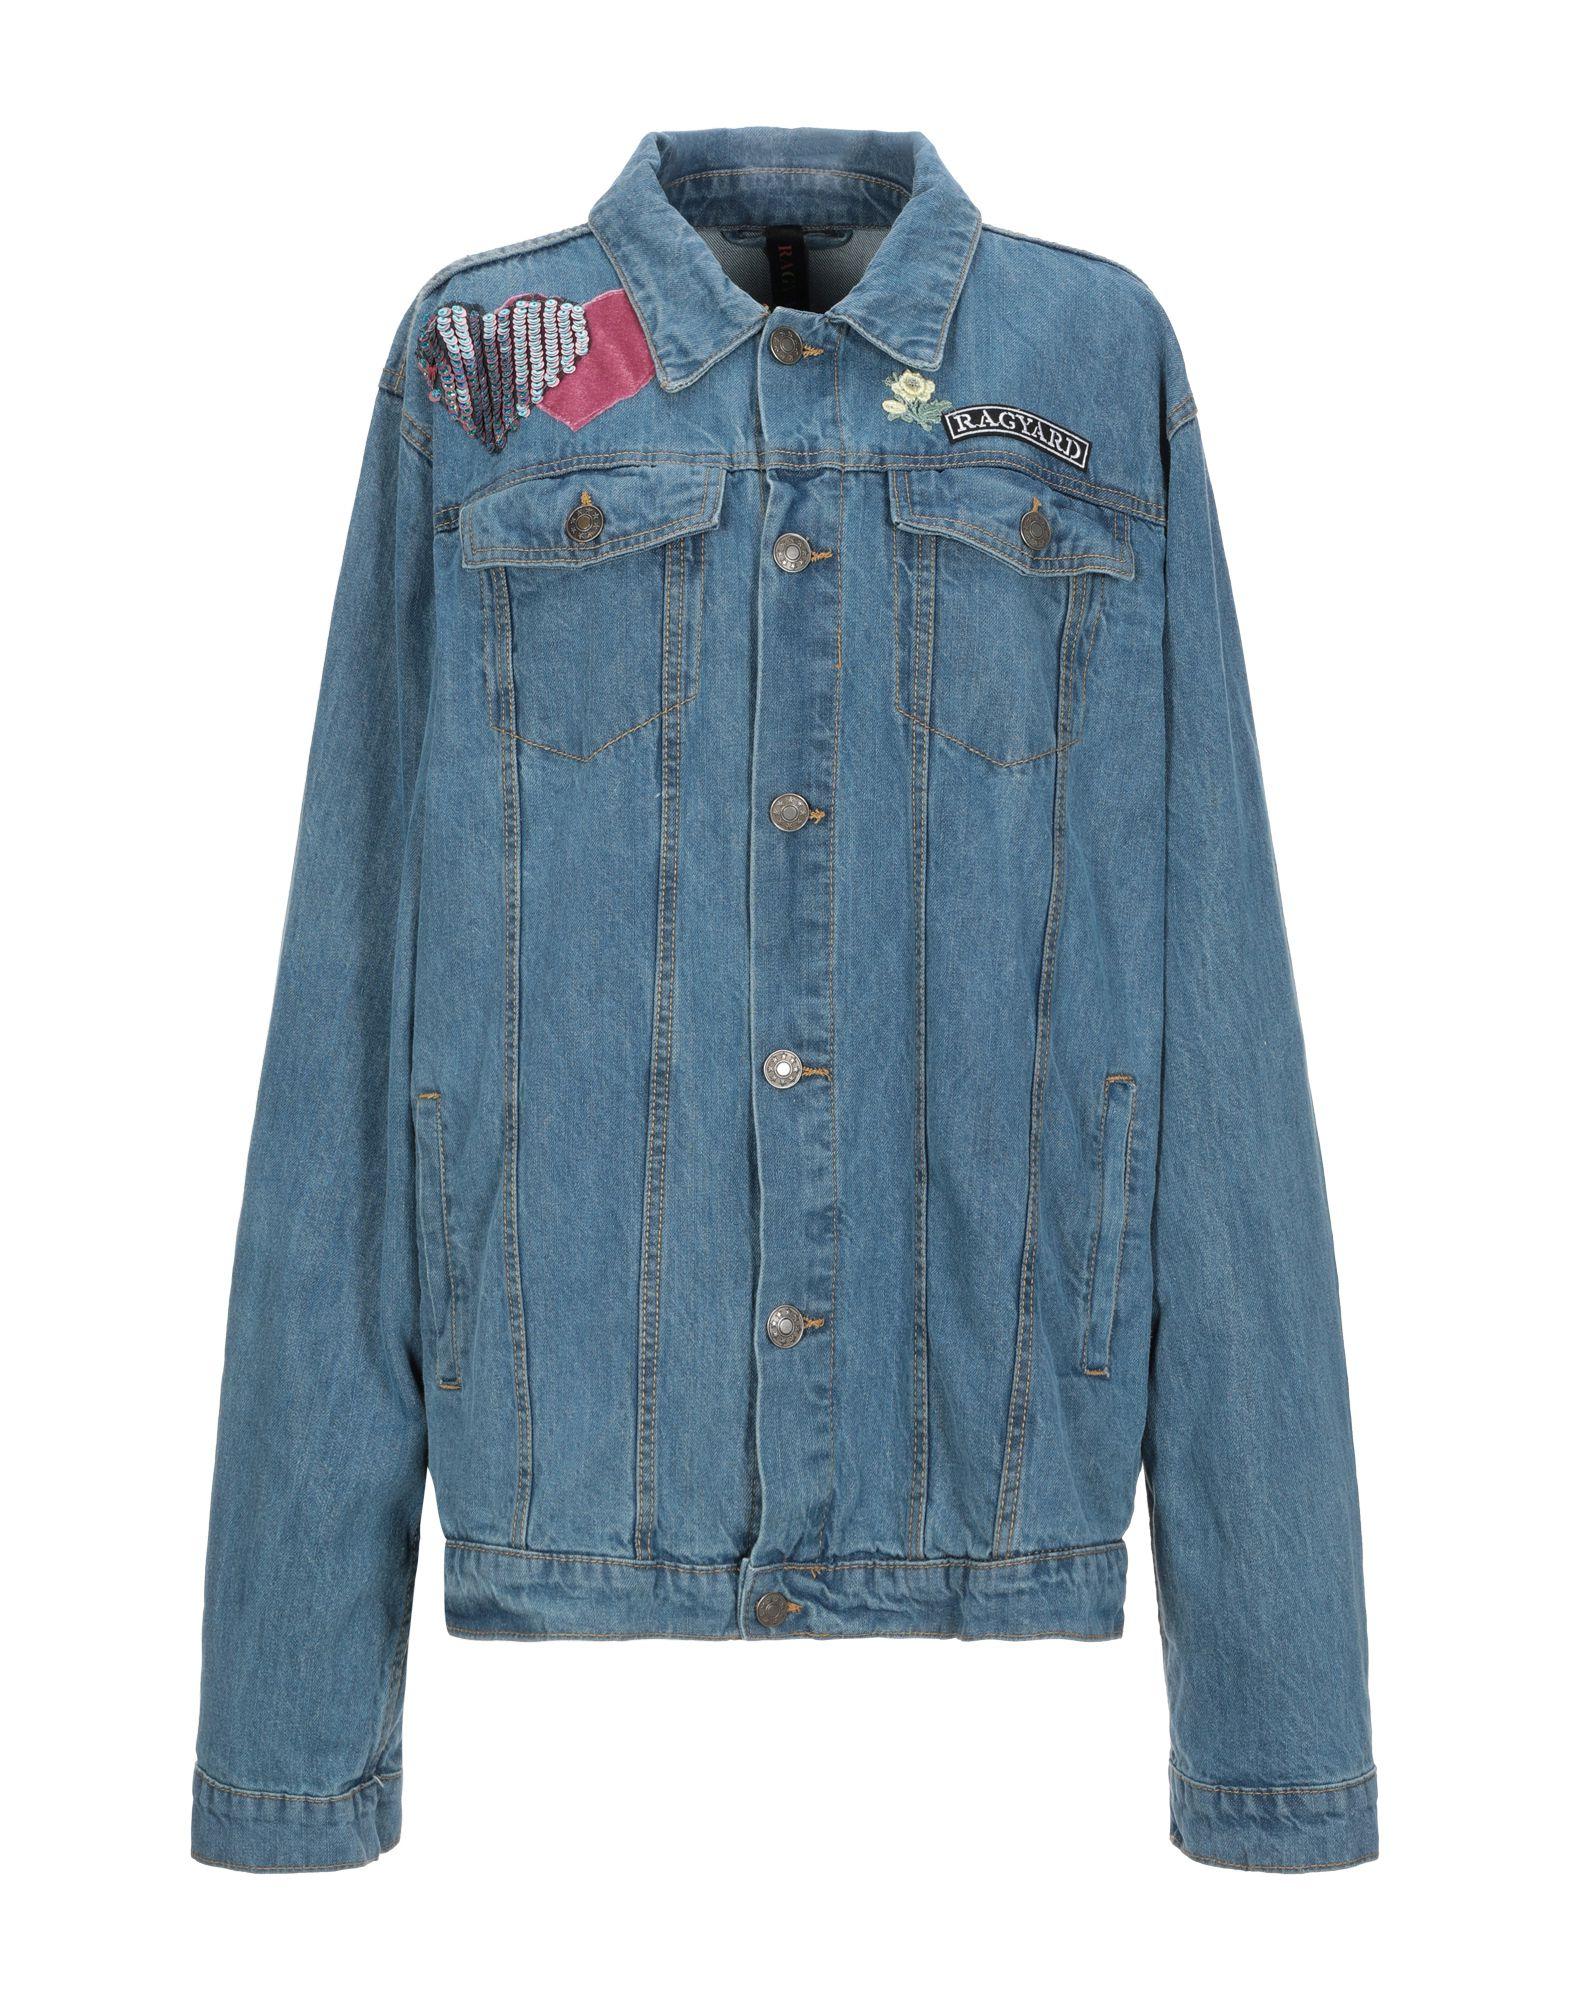 Фото - RAGYARD Джинсовая верхняя одежда goldsign джинсовая верхняя одежда